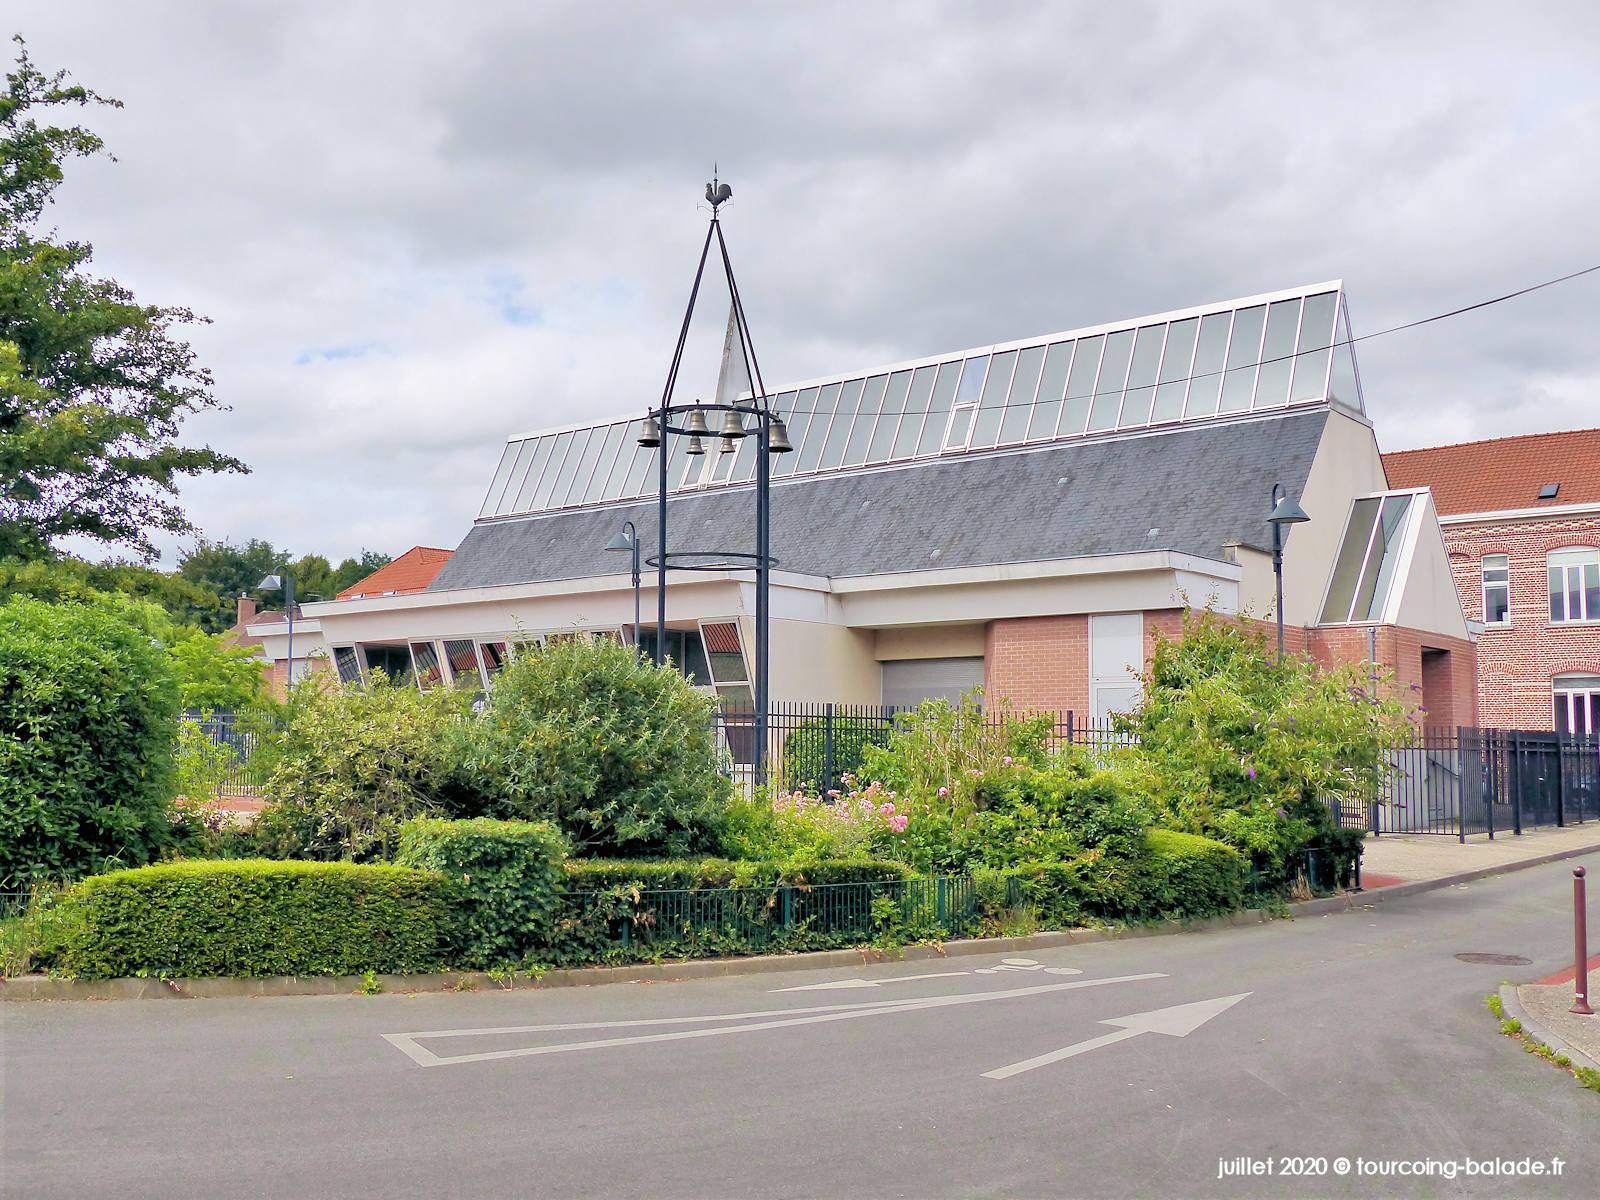 Croix-Rouge Tourcoing 2020 - Église Saint-Joseph